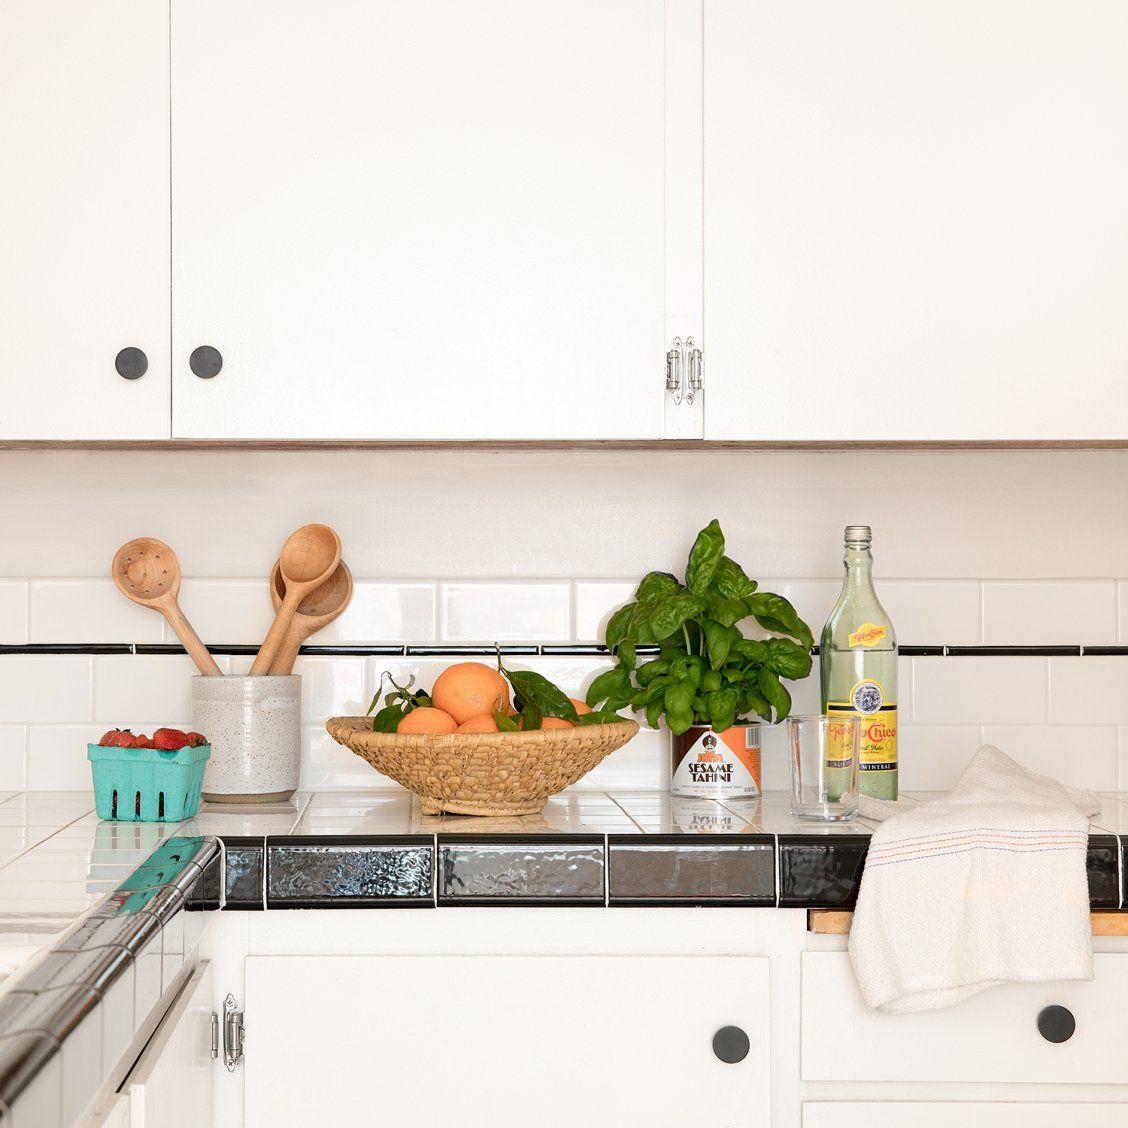 Period U0026 Modern Kitchenware U0026 Accessories. Timeless Kitchen Backsplash